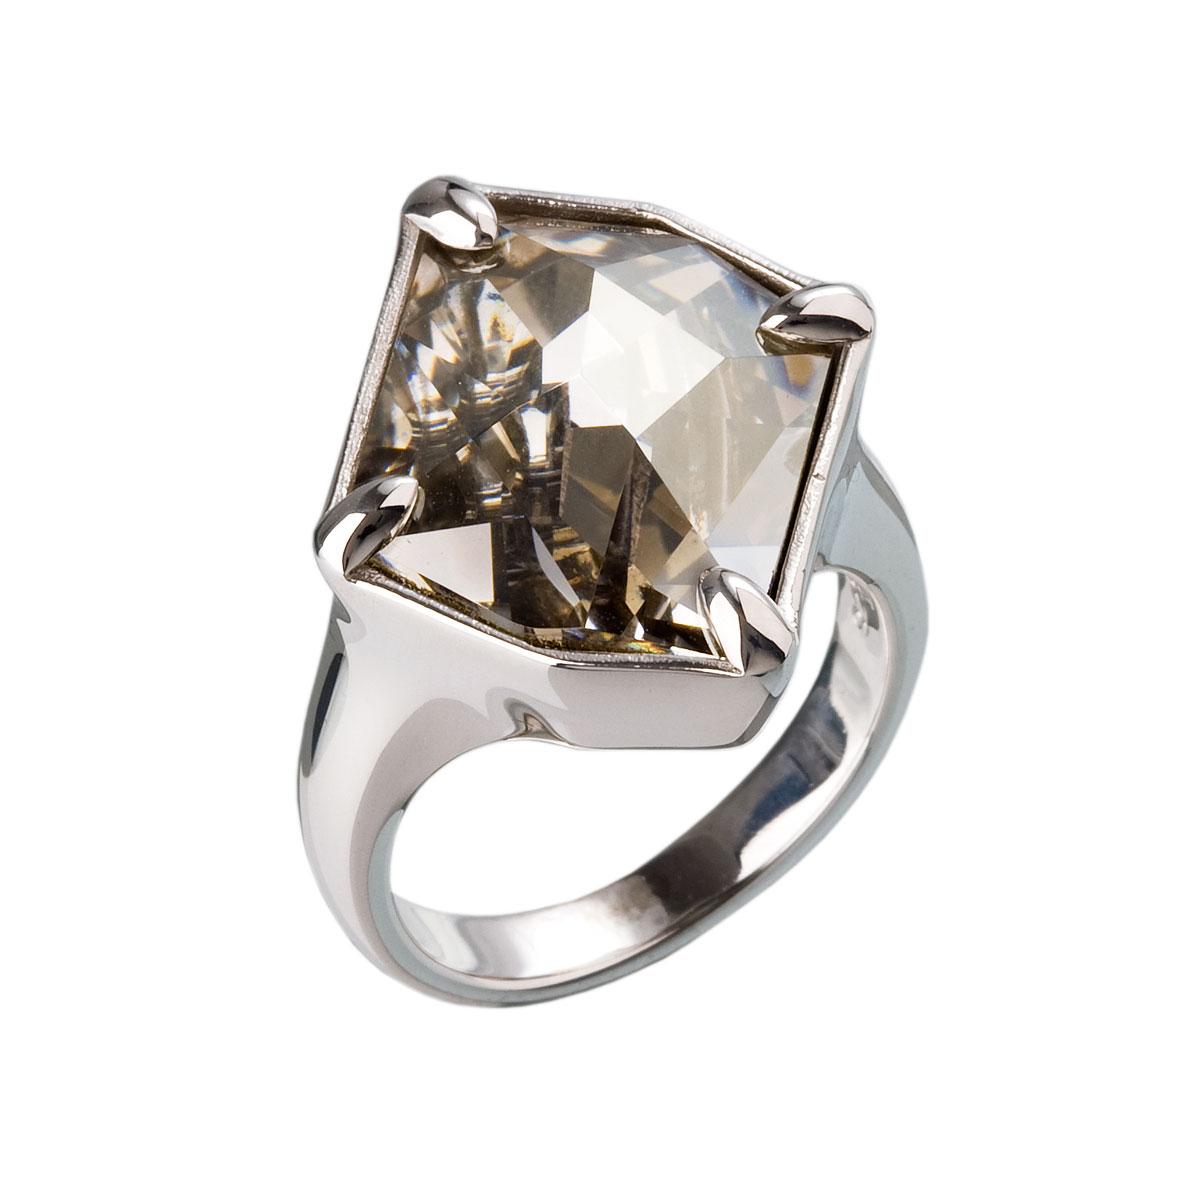 Strieborný prsteň s krištálmi šedý 35805.5